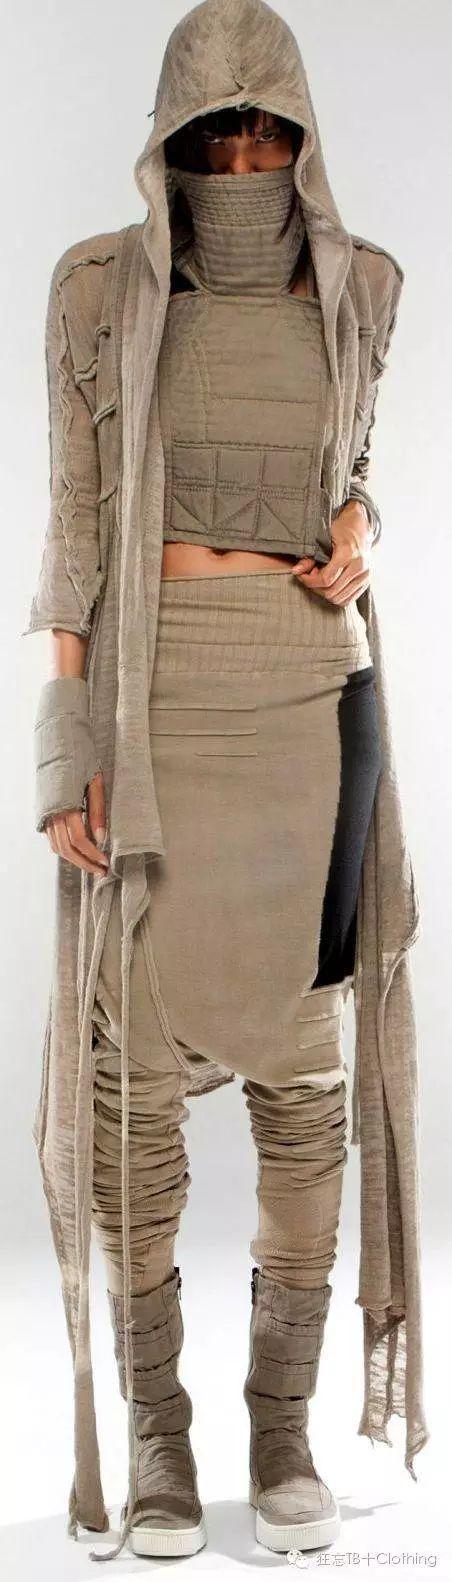 Cotton & Linen:布料中的棉和麻